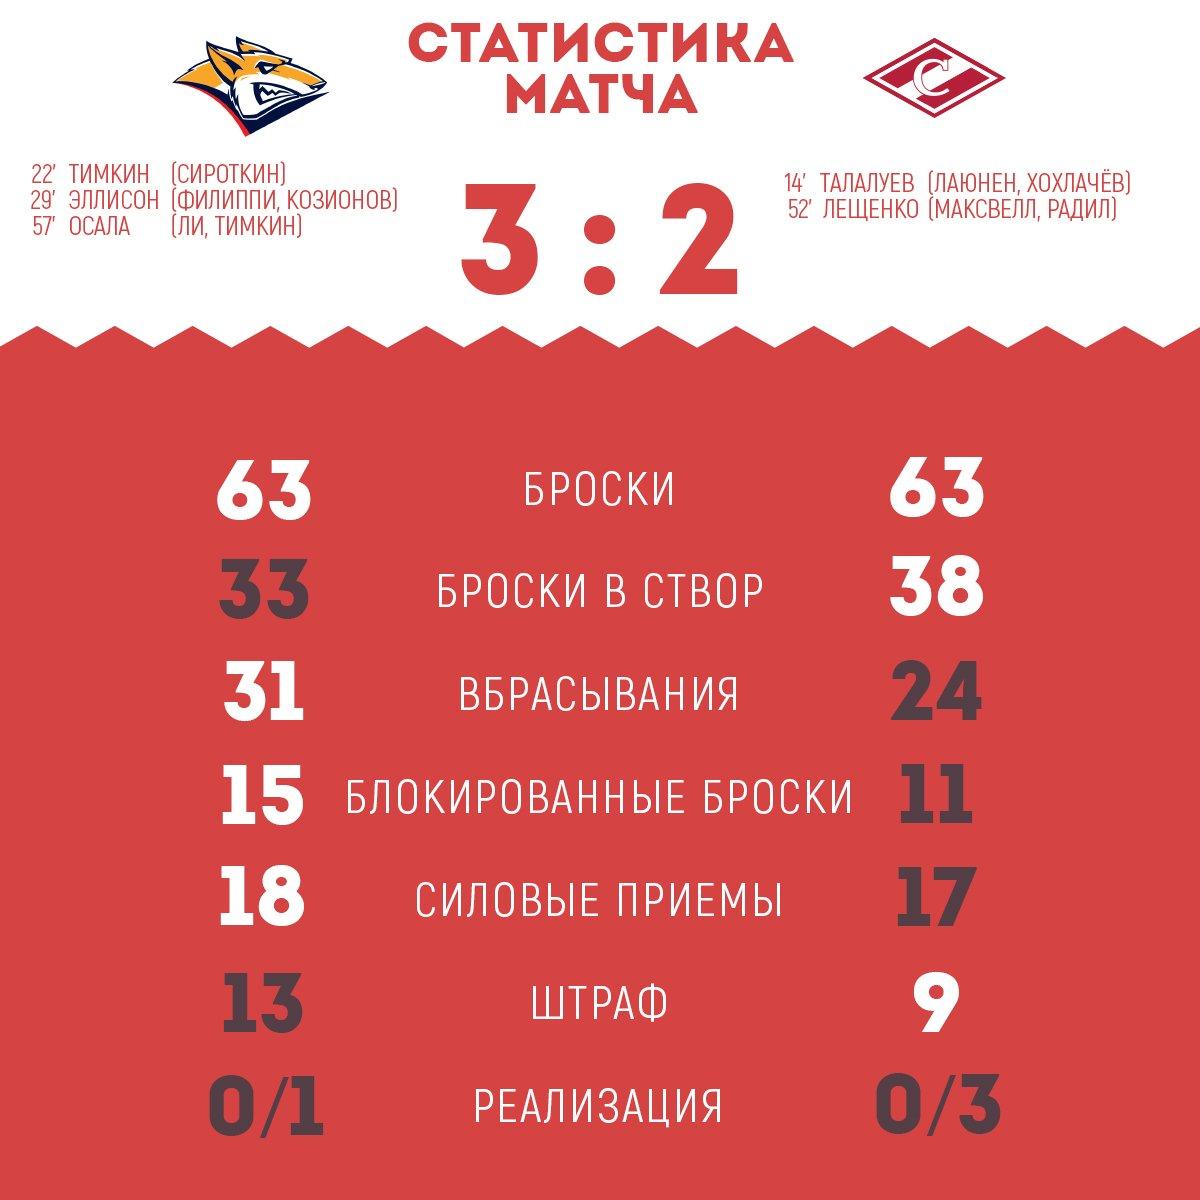 Статистика матча «Металлург» Мг - «Спартак» 3:2